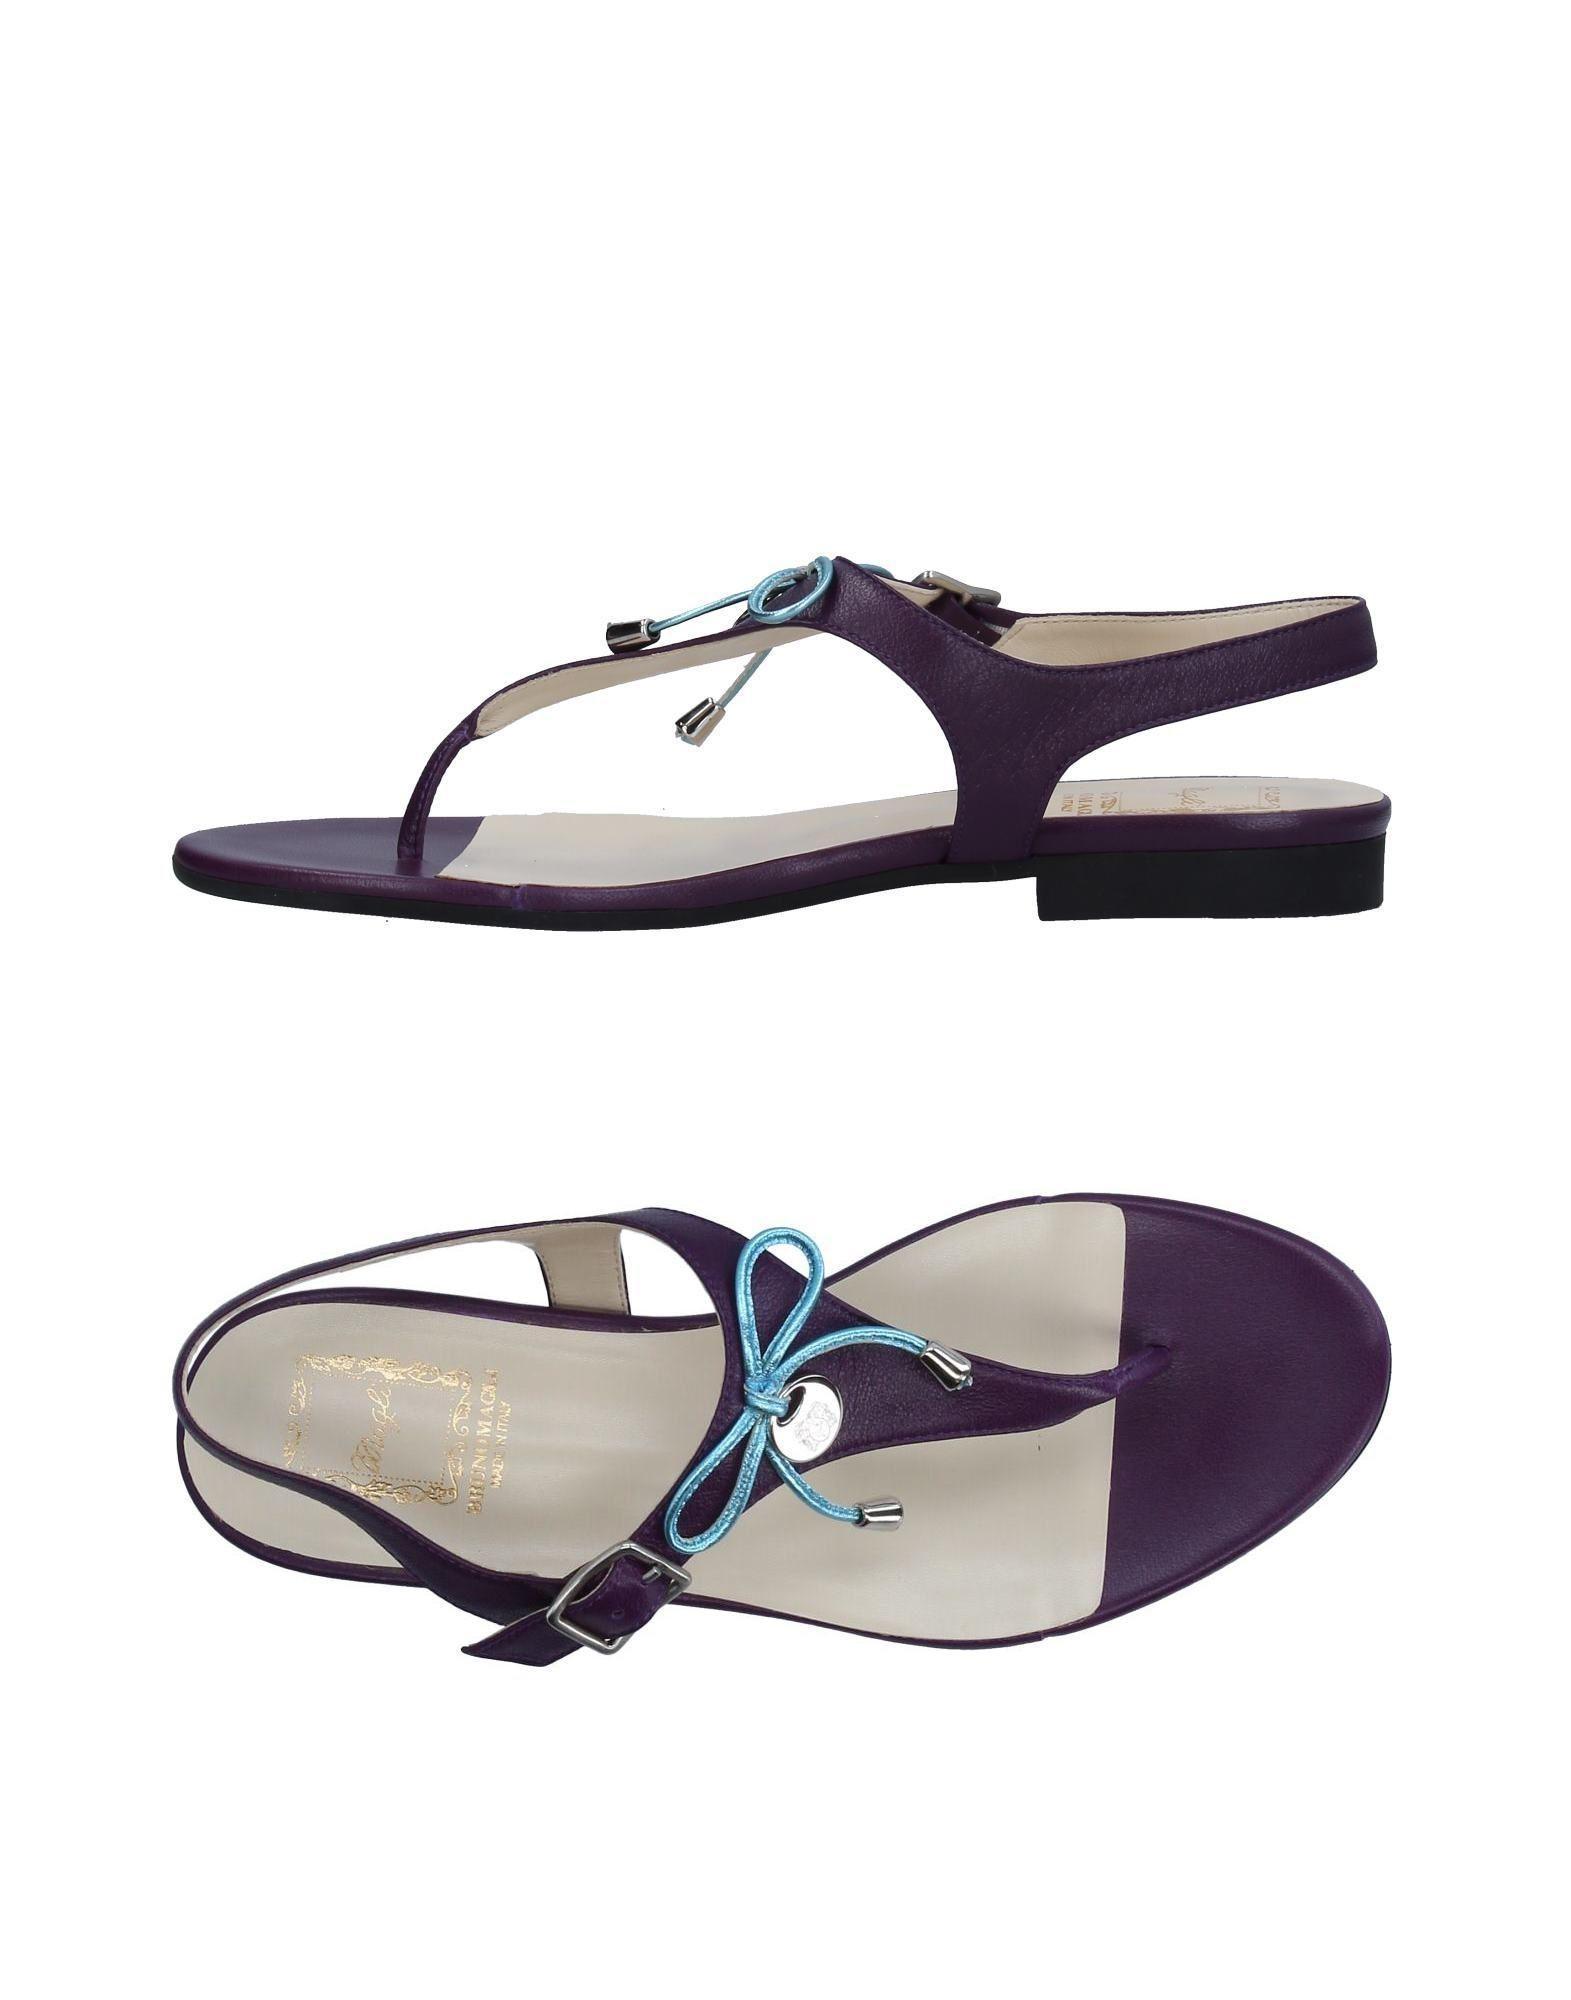 FOOTWEAR - Toe post sandals Bruno Magli muS795g